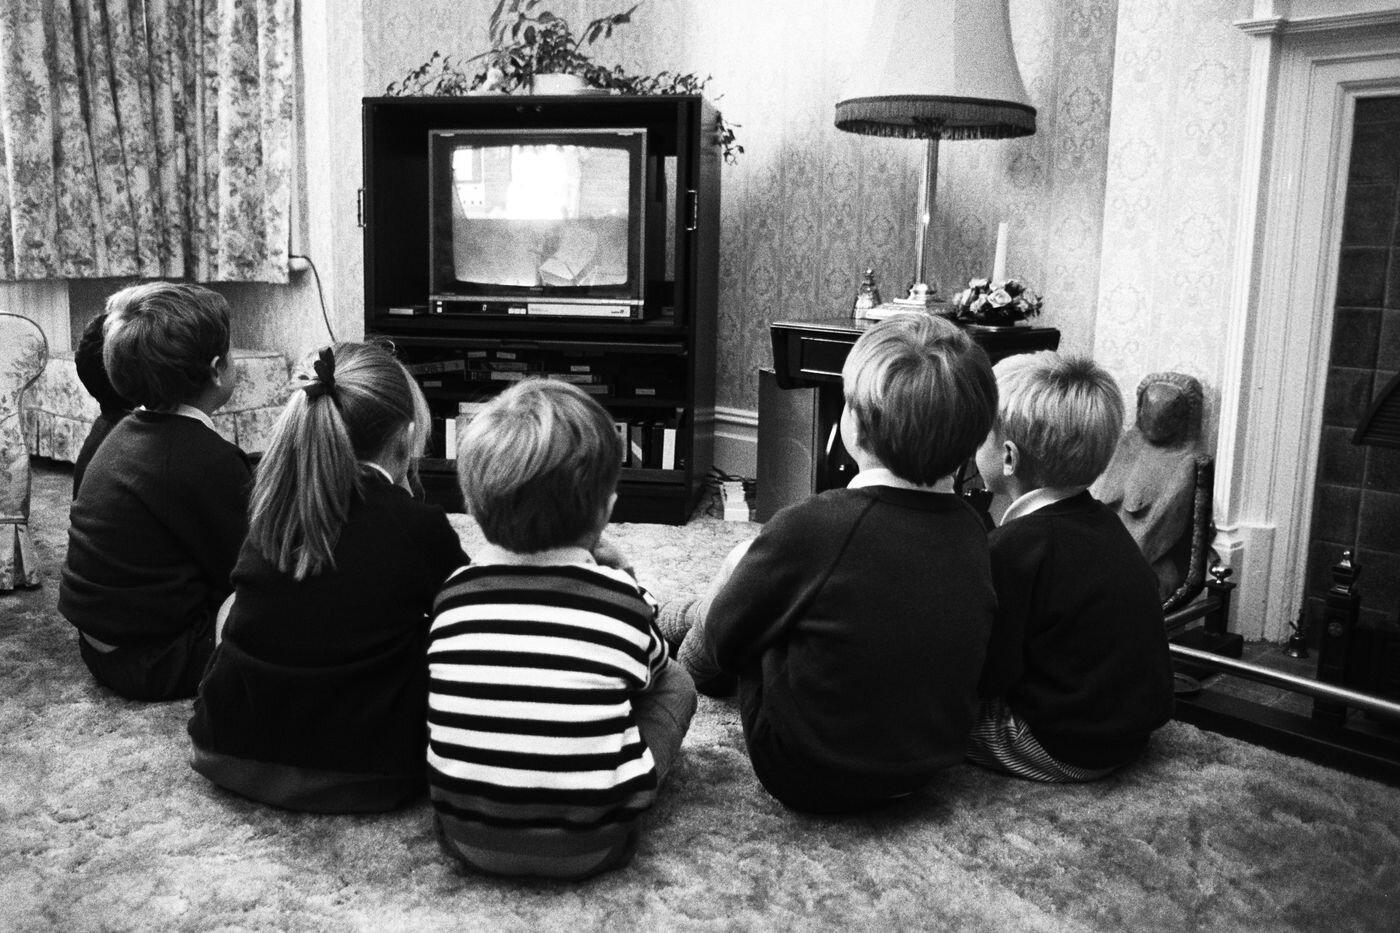 42634788a34547a234bd566887750ec948-21-kids-streaming-guide-lede_2x_rhorizontal_w700